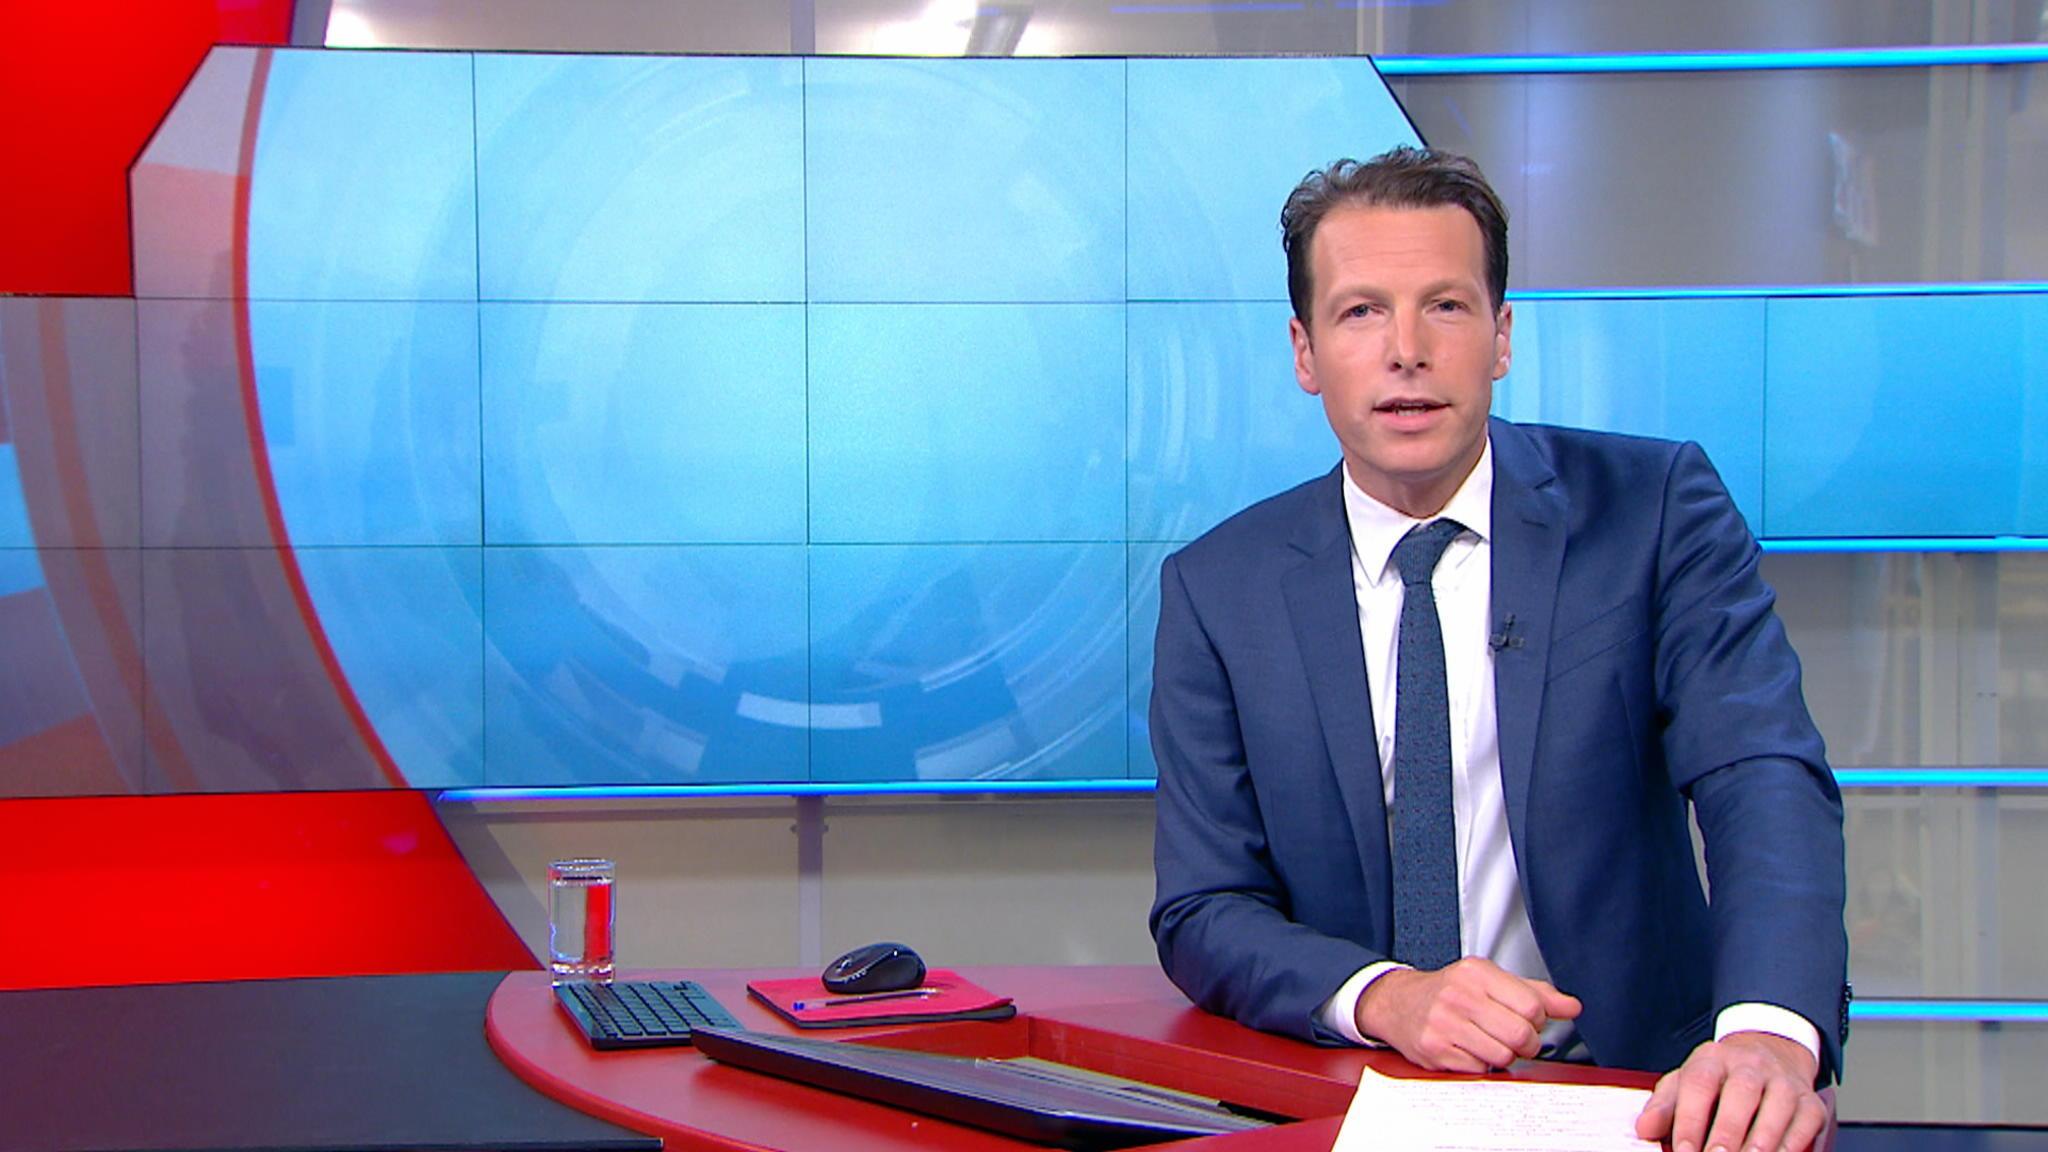 Laatste woorden Herman van der Zandt als presentator NOS ...